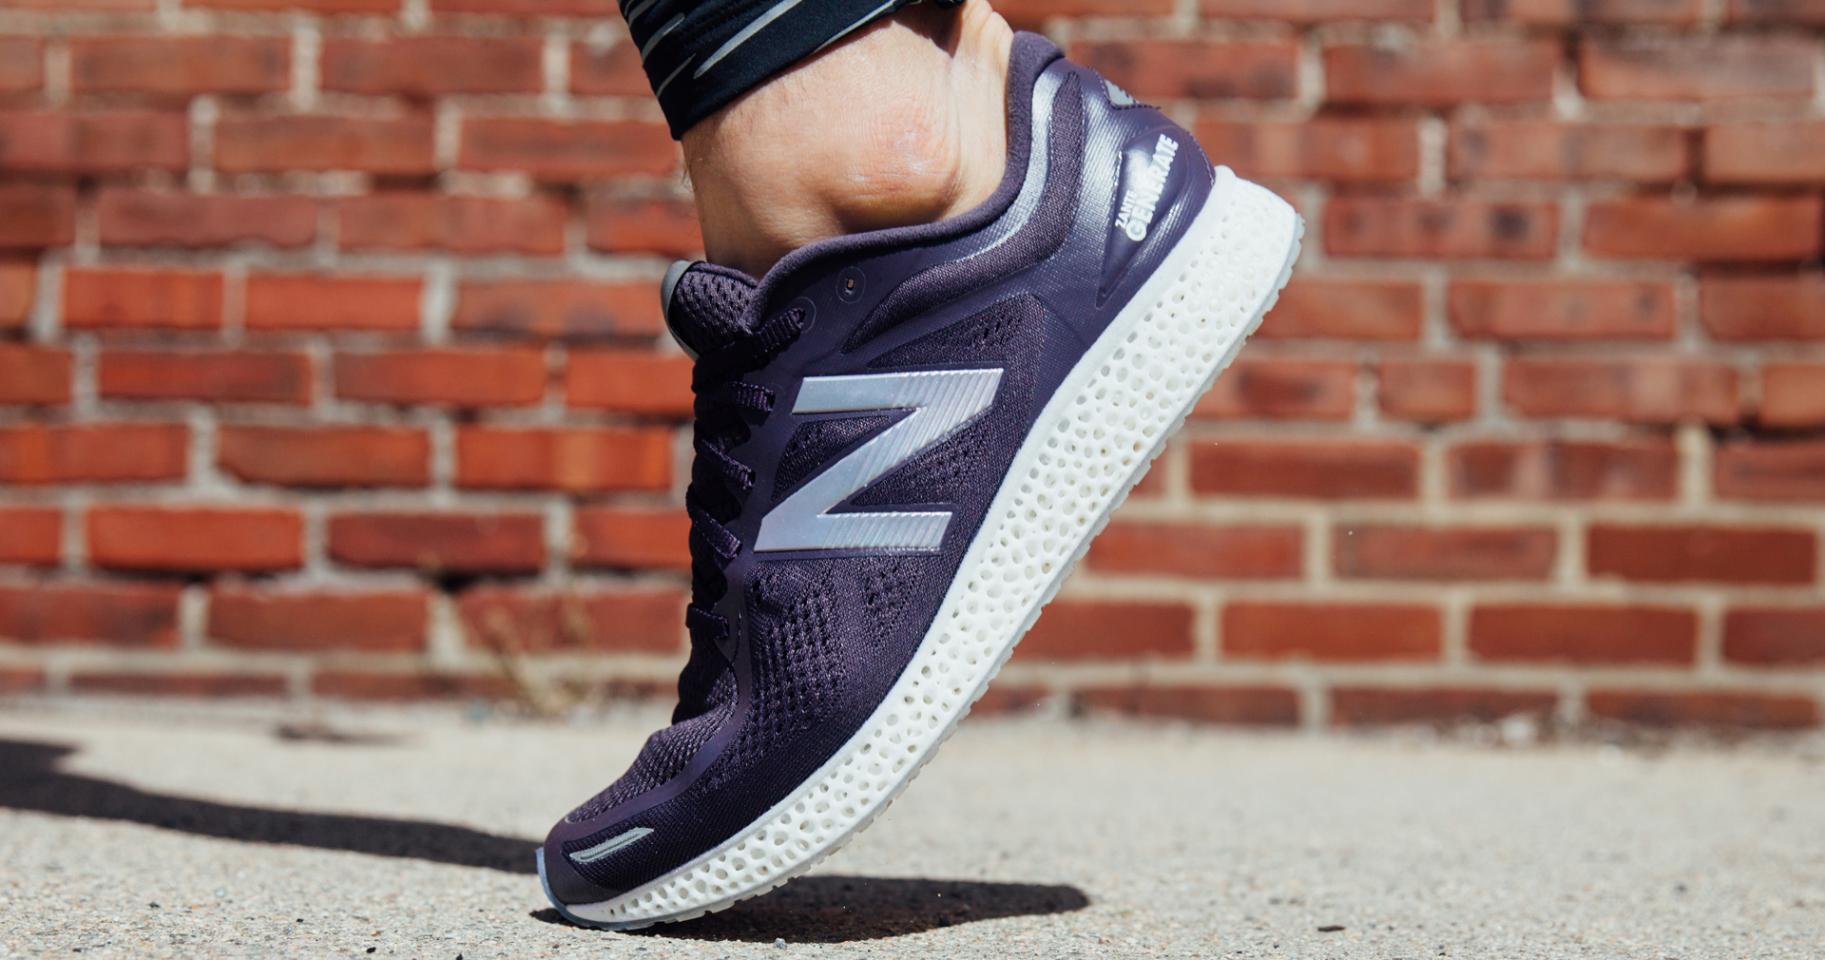 árnyalatai az egész család számára kivezetés New Balance to Sell First Pairs of 3D Printed Shoes for $ 400 ...